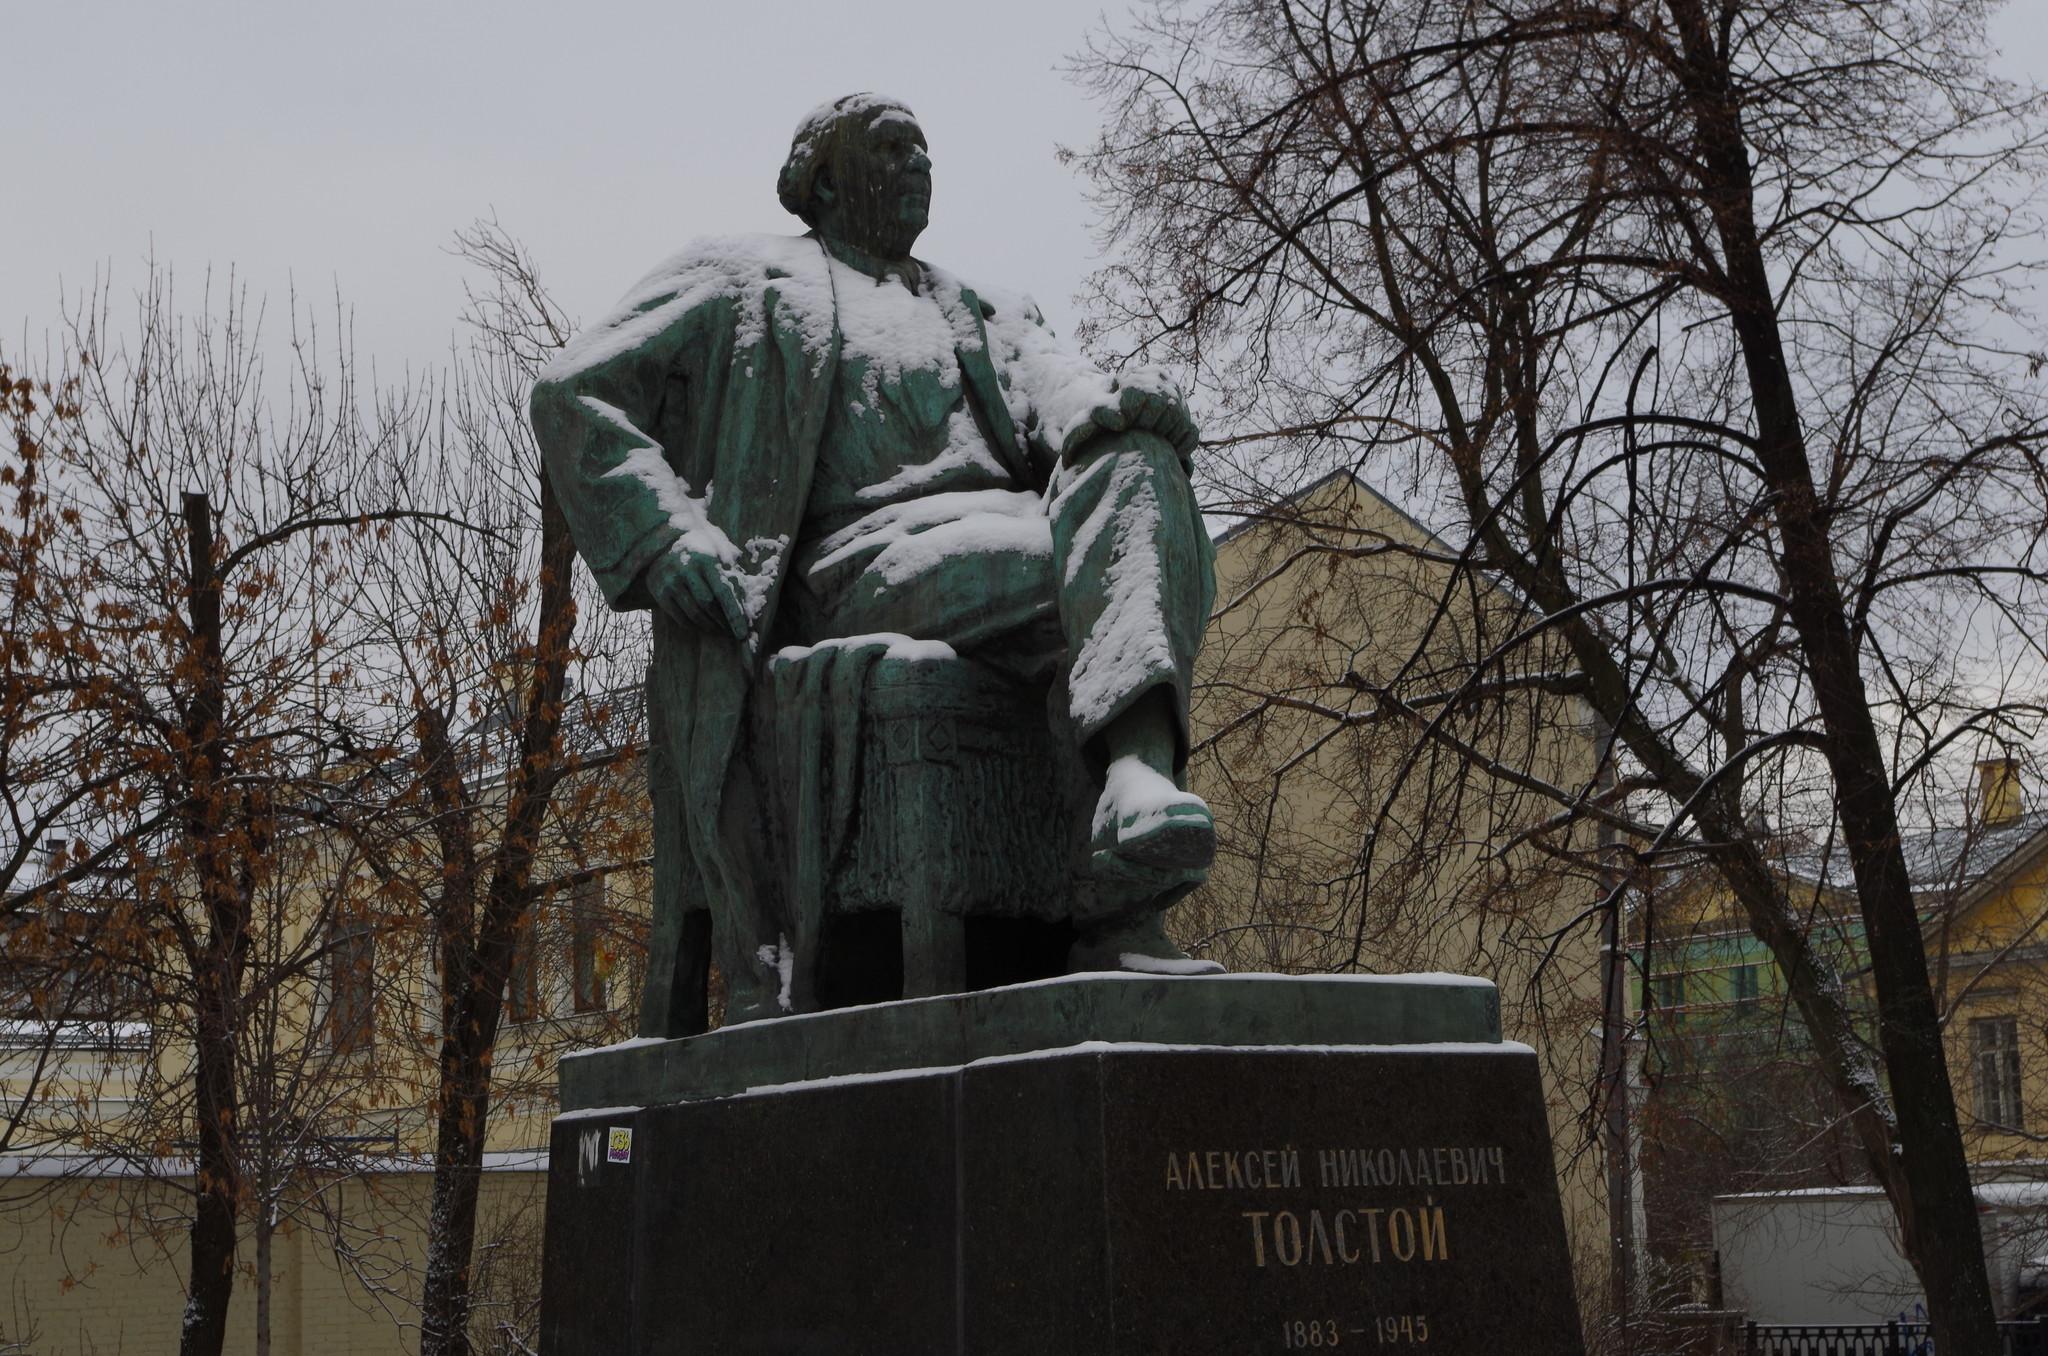 Памятник писателю Алексею Николаевичу Толстому установлен в сквере на Большой Никитской улице